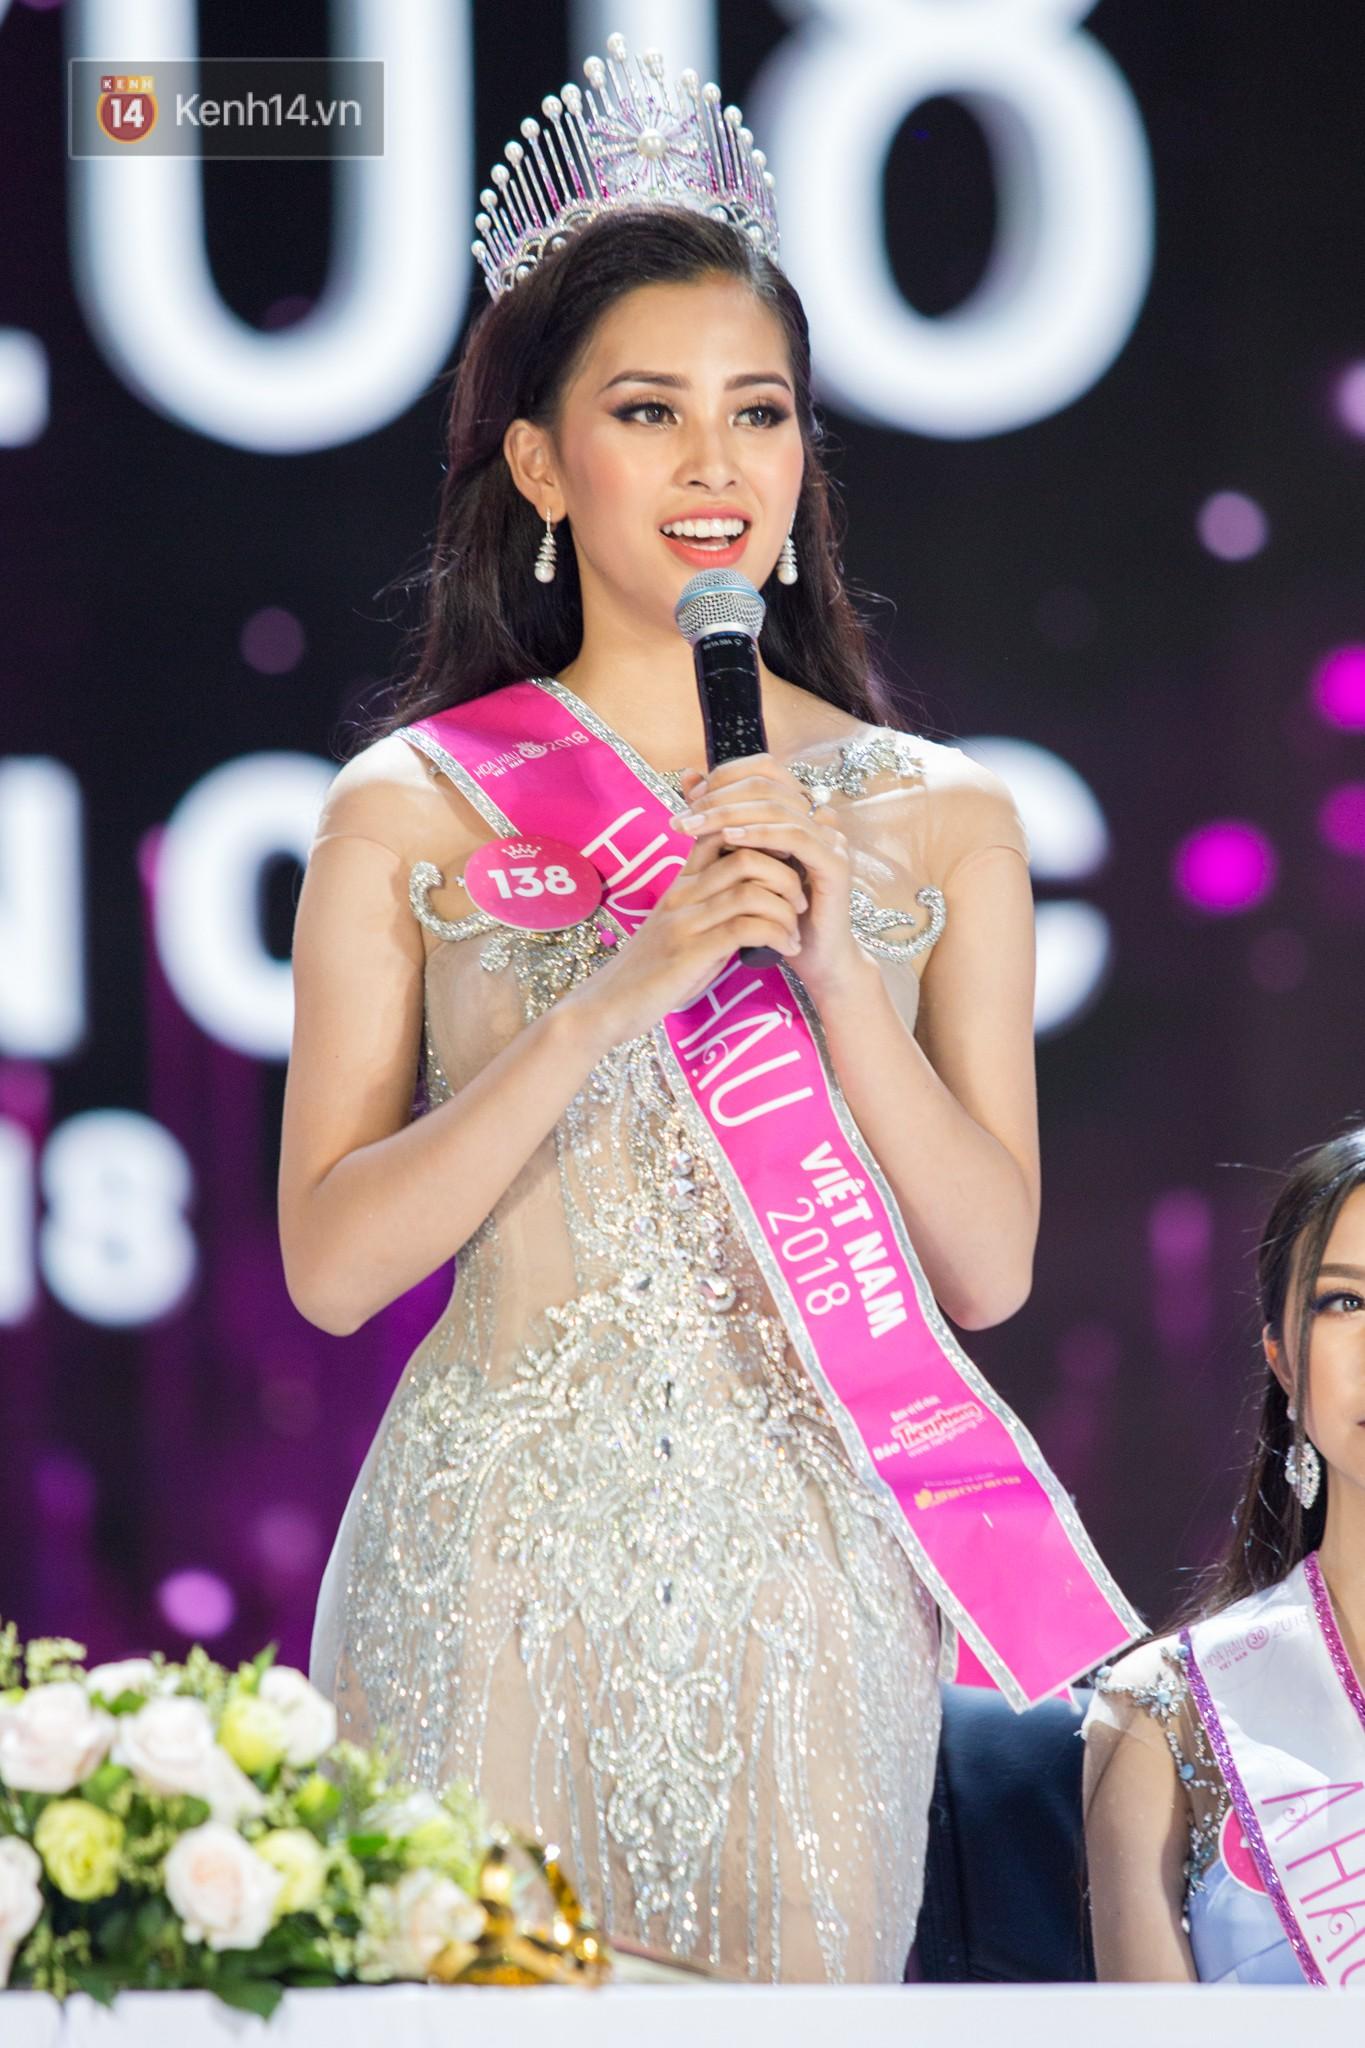 Hết ứng xử lúng túng, Tân Hoa hậu Việt Nam 2018 lại gây khó hiểu vì trả lời phỏng vấn ngây ngô sau đêm chung kết - Ảnh 4.